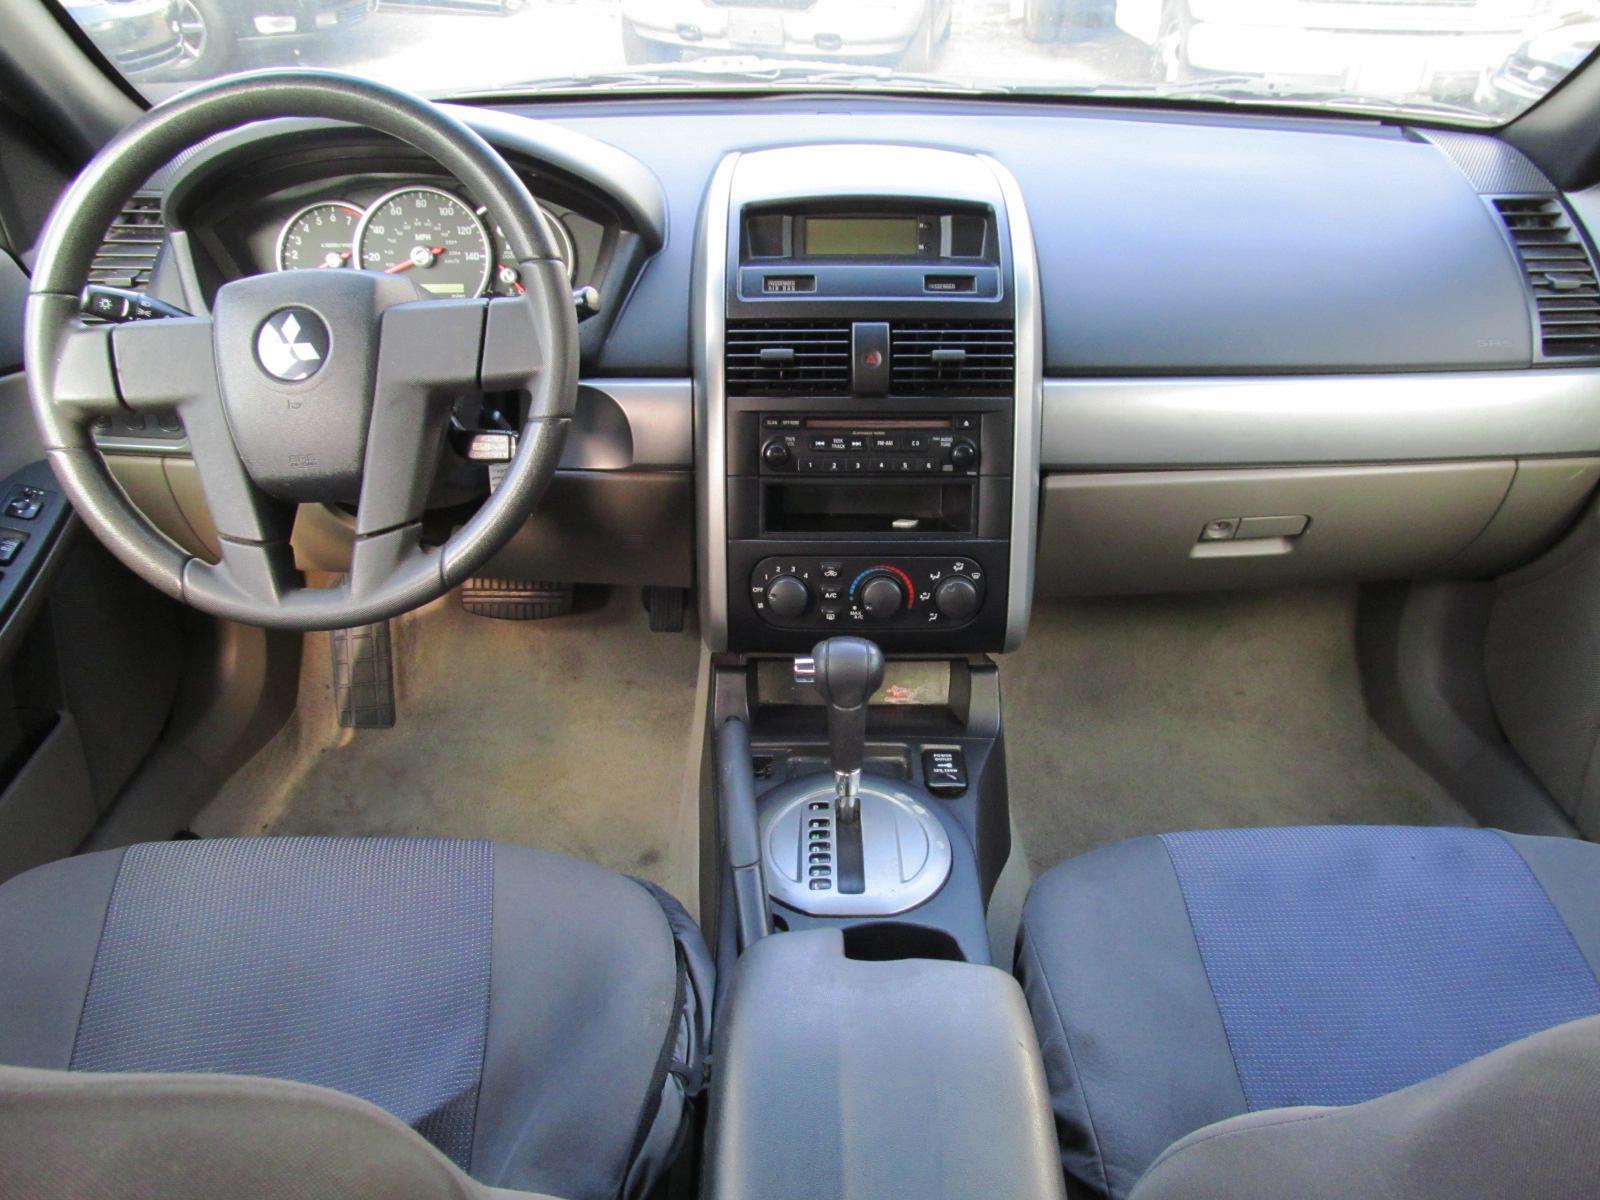 Mitsubishi Galant Es Pic on 1998 Mitsubishi Galant